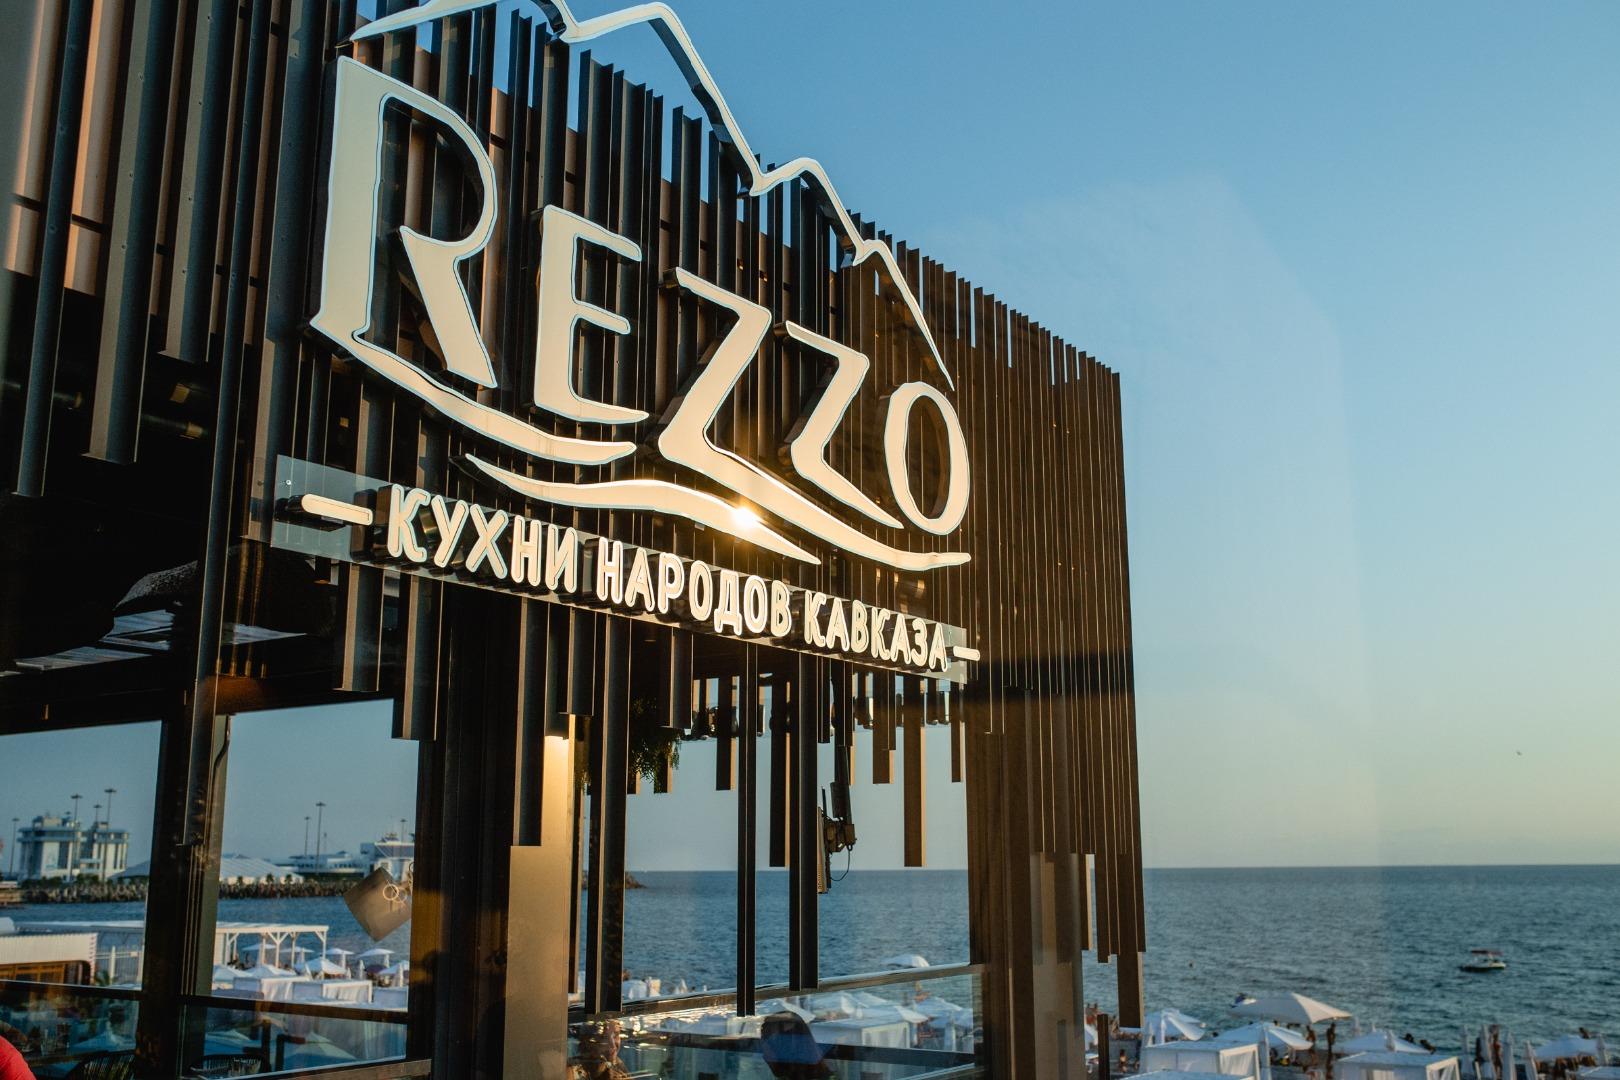 Rezzo официальное открытие